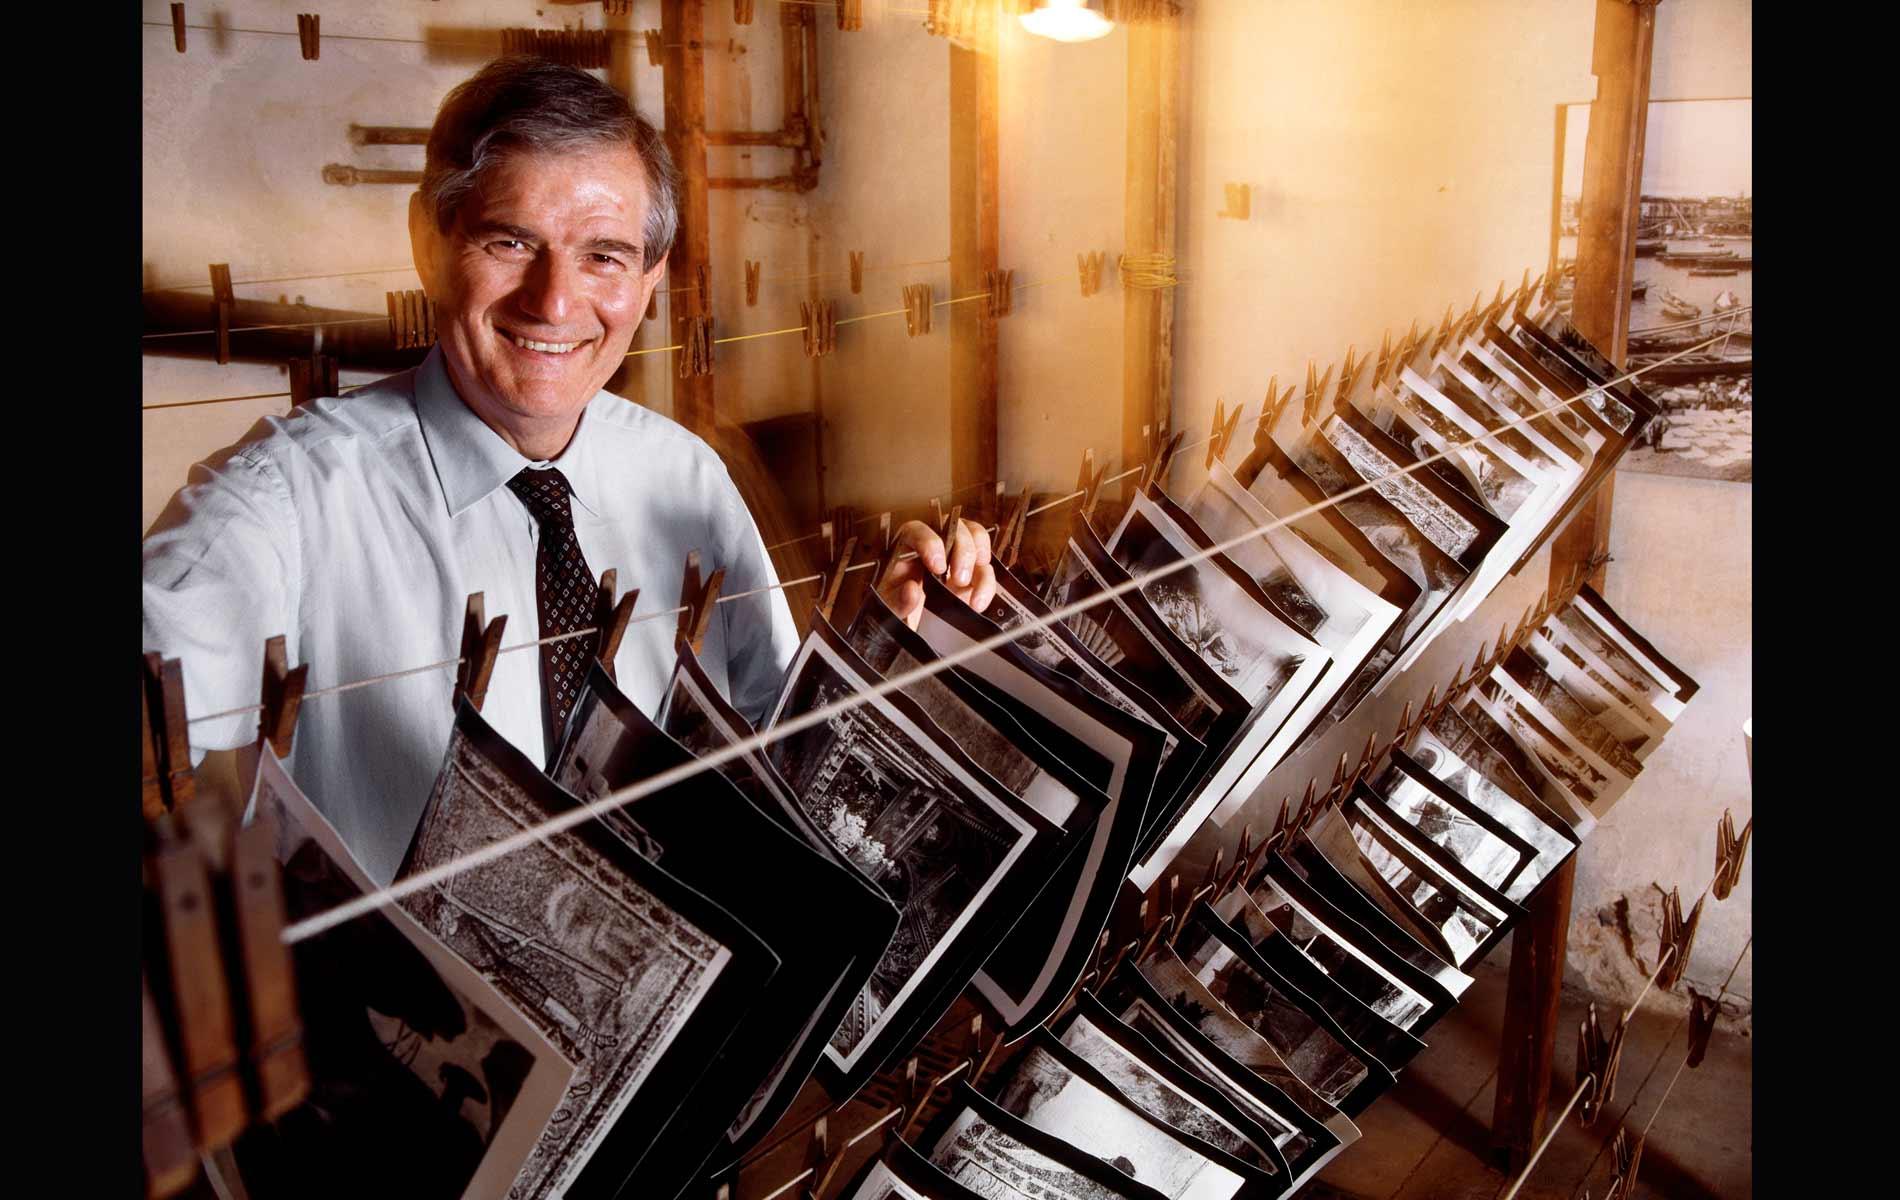 """CALUDIO DEL POLO SAIBANTI - Owner of """"F.lli ALINARI Archive"""" - for """"AD-Architectural Digest"""" Magazine"""